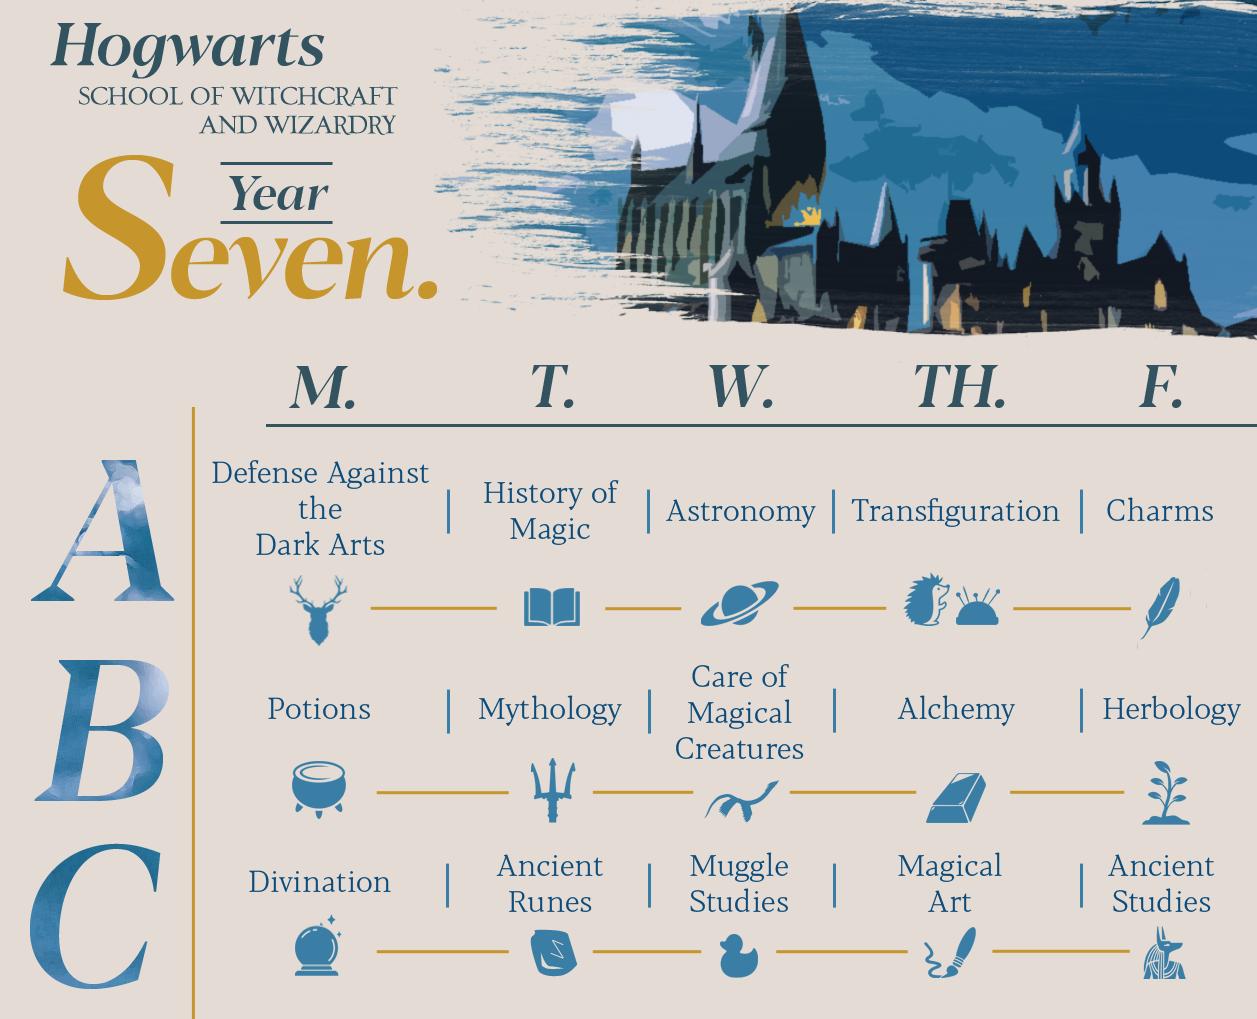 Year Seven Schedule